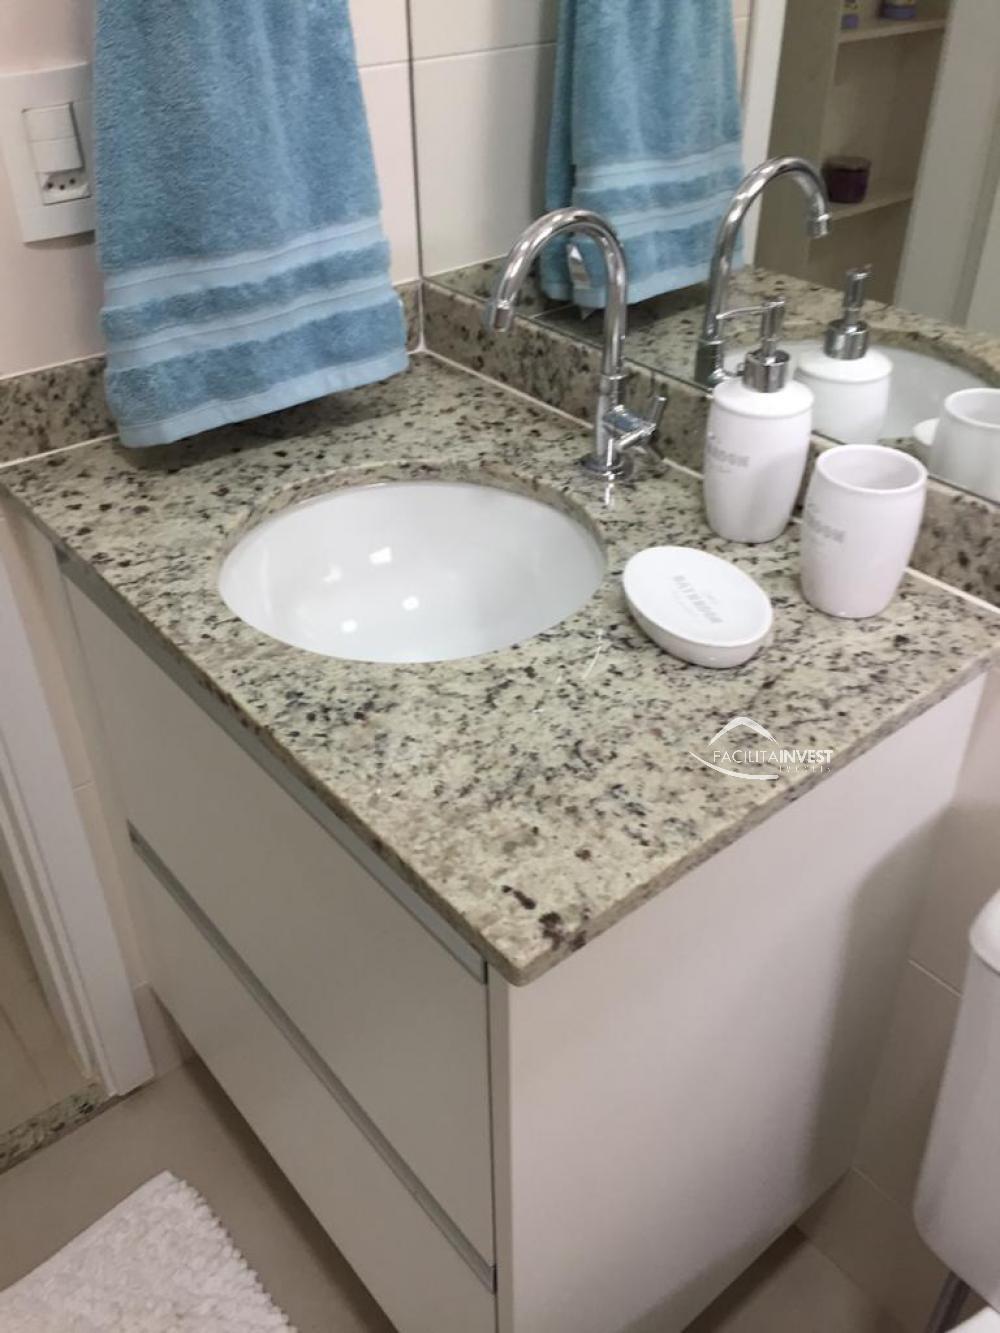 Alugar Apartamentos / Apart. Padrão em Ribeirão Preto R$ 1.900,00 - Foto 16